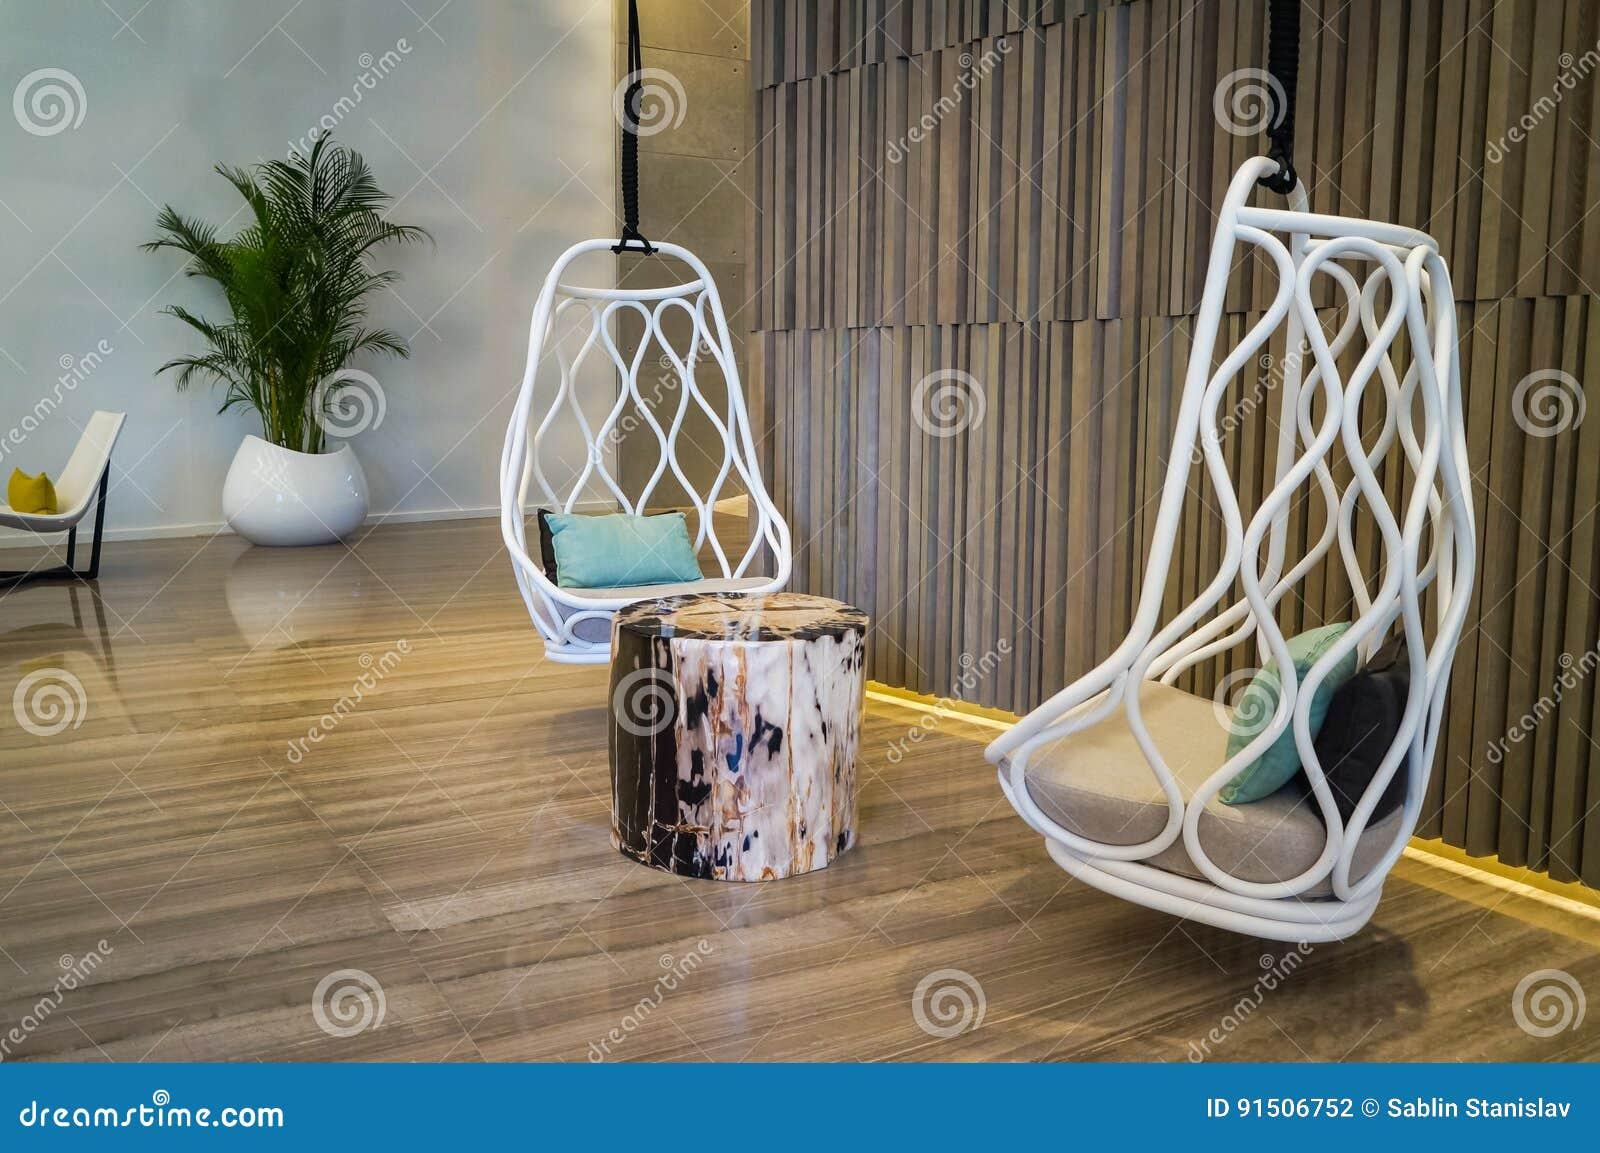 dubai en el verano de decoracin de mrmol interior moderna y brillante en el balneario